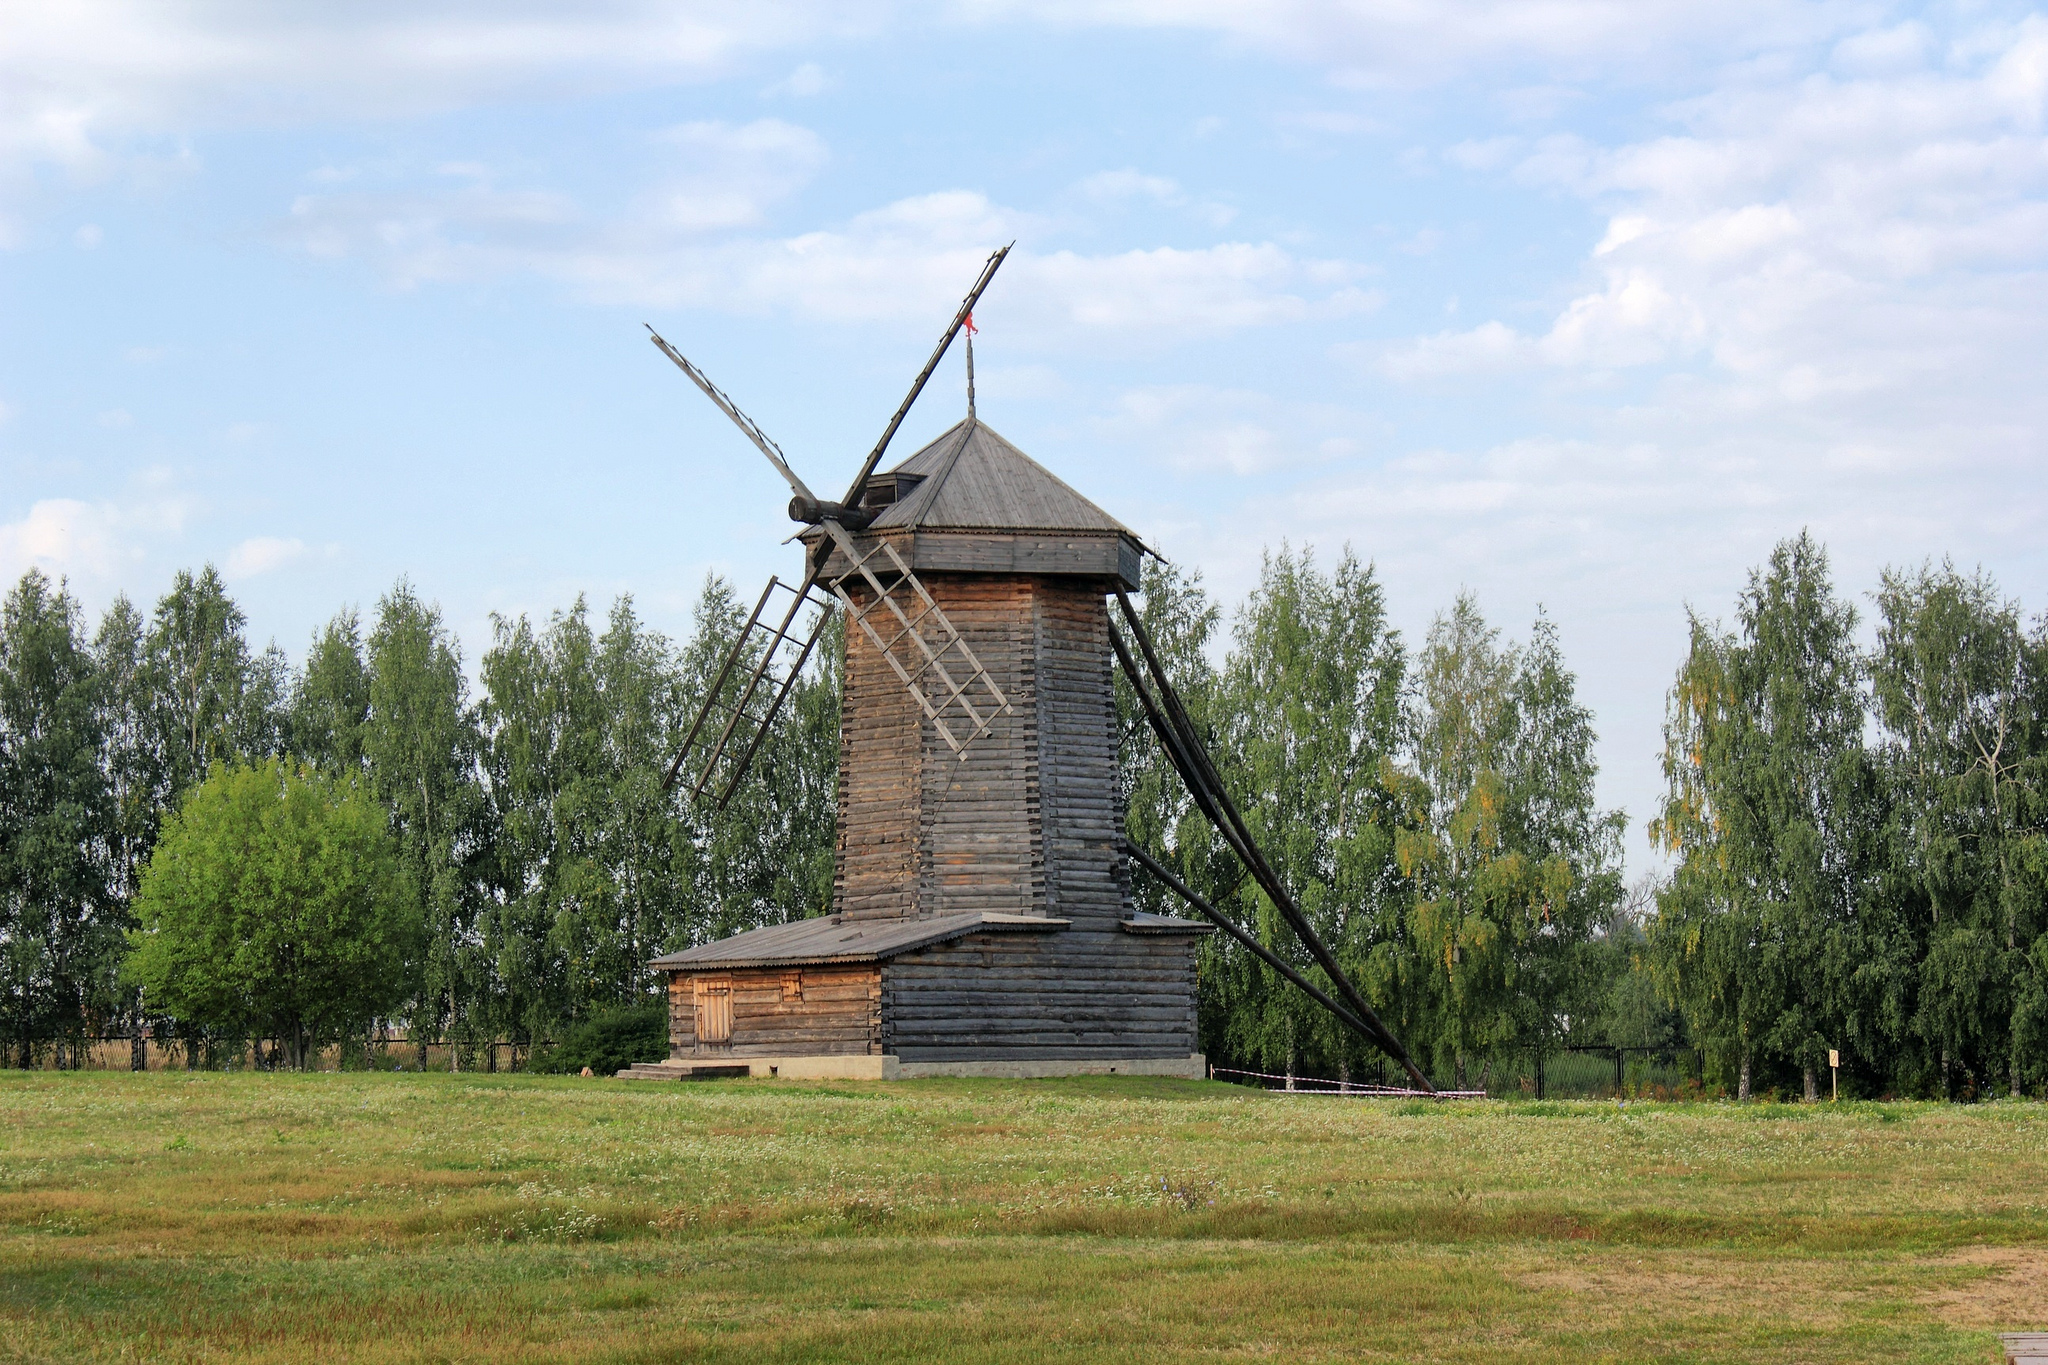 Музей деревянного зодчества в Суздале, ветряная шатровая мельница